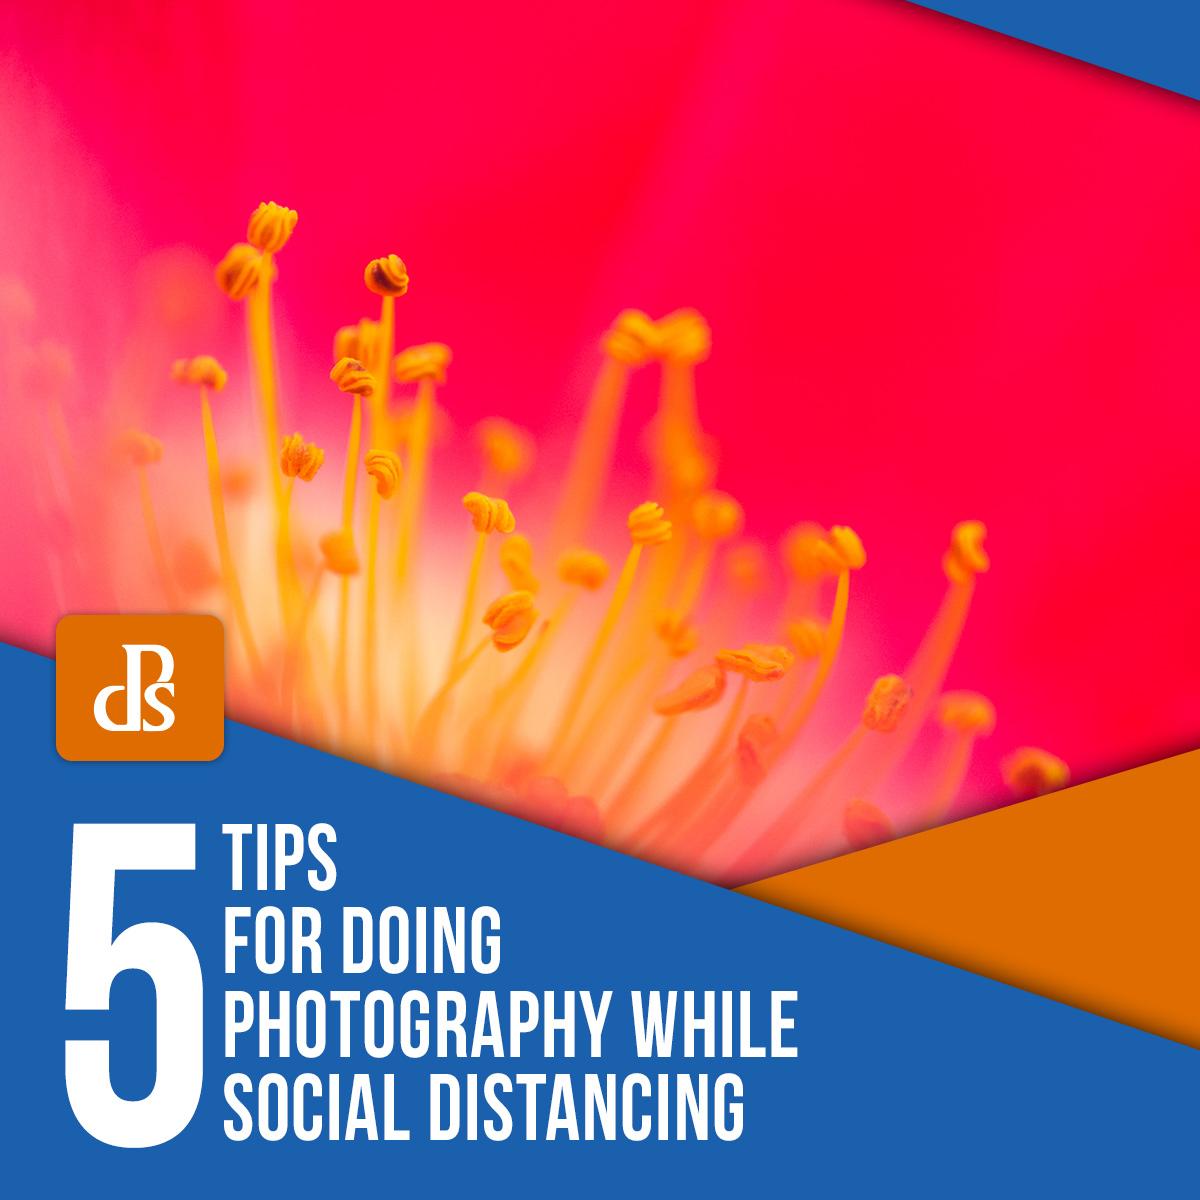 5 dicas para tirar fotos enquanto socialmente ausente